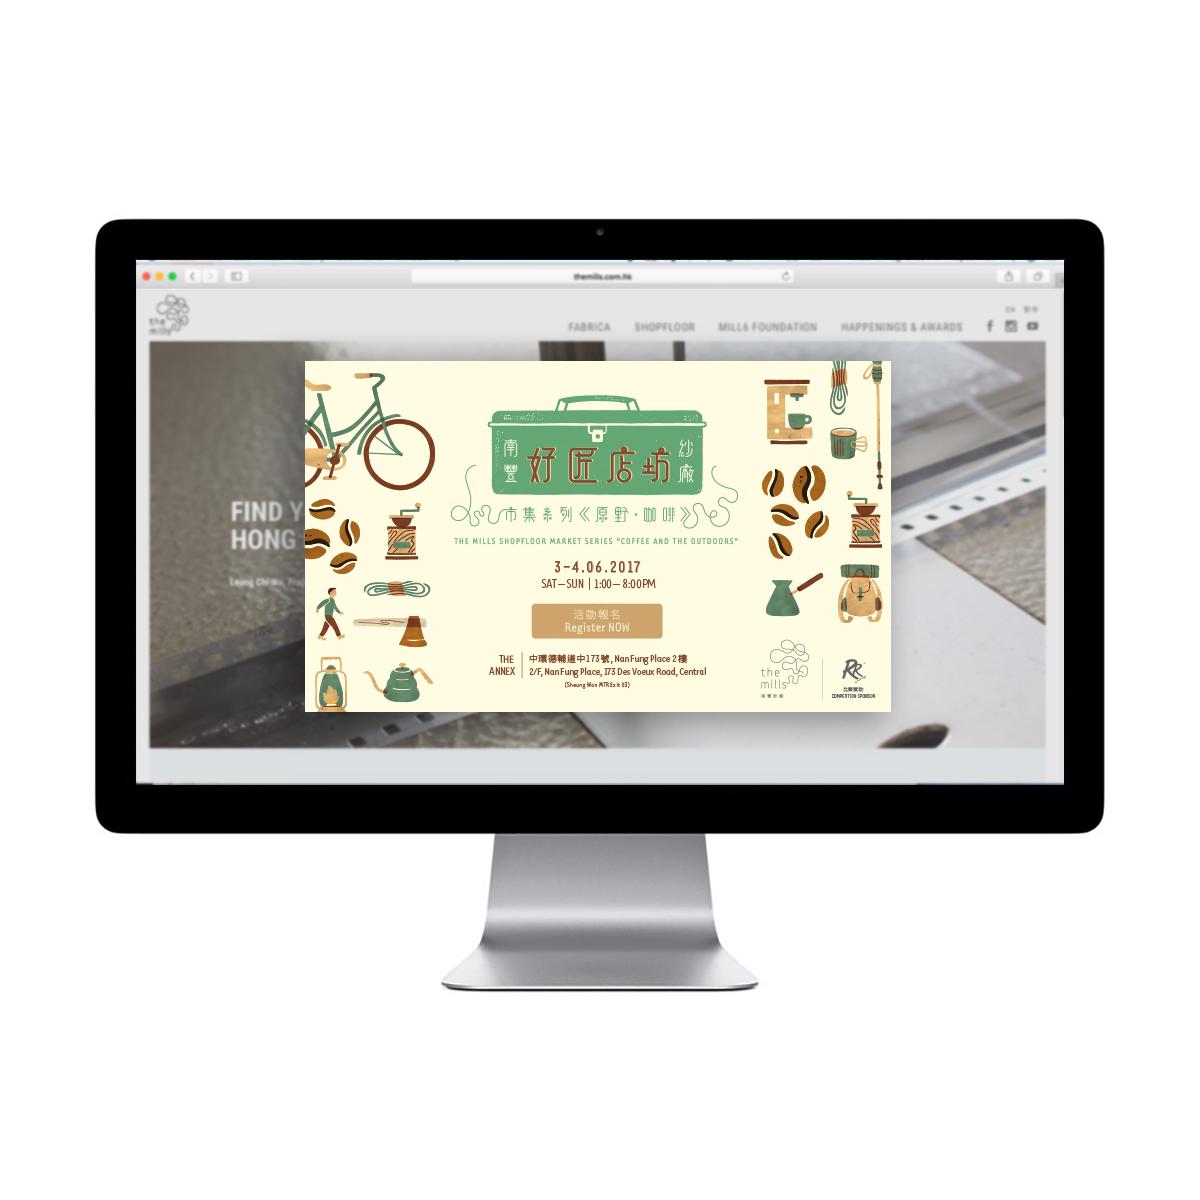 MillsEvent2-Website-PopUp Web